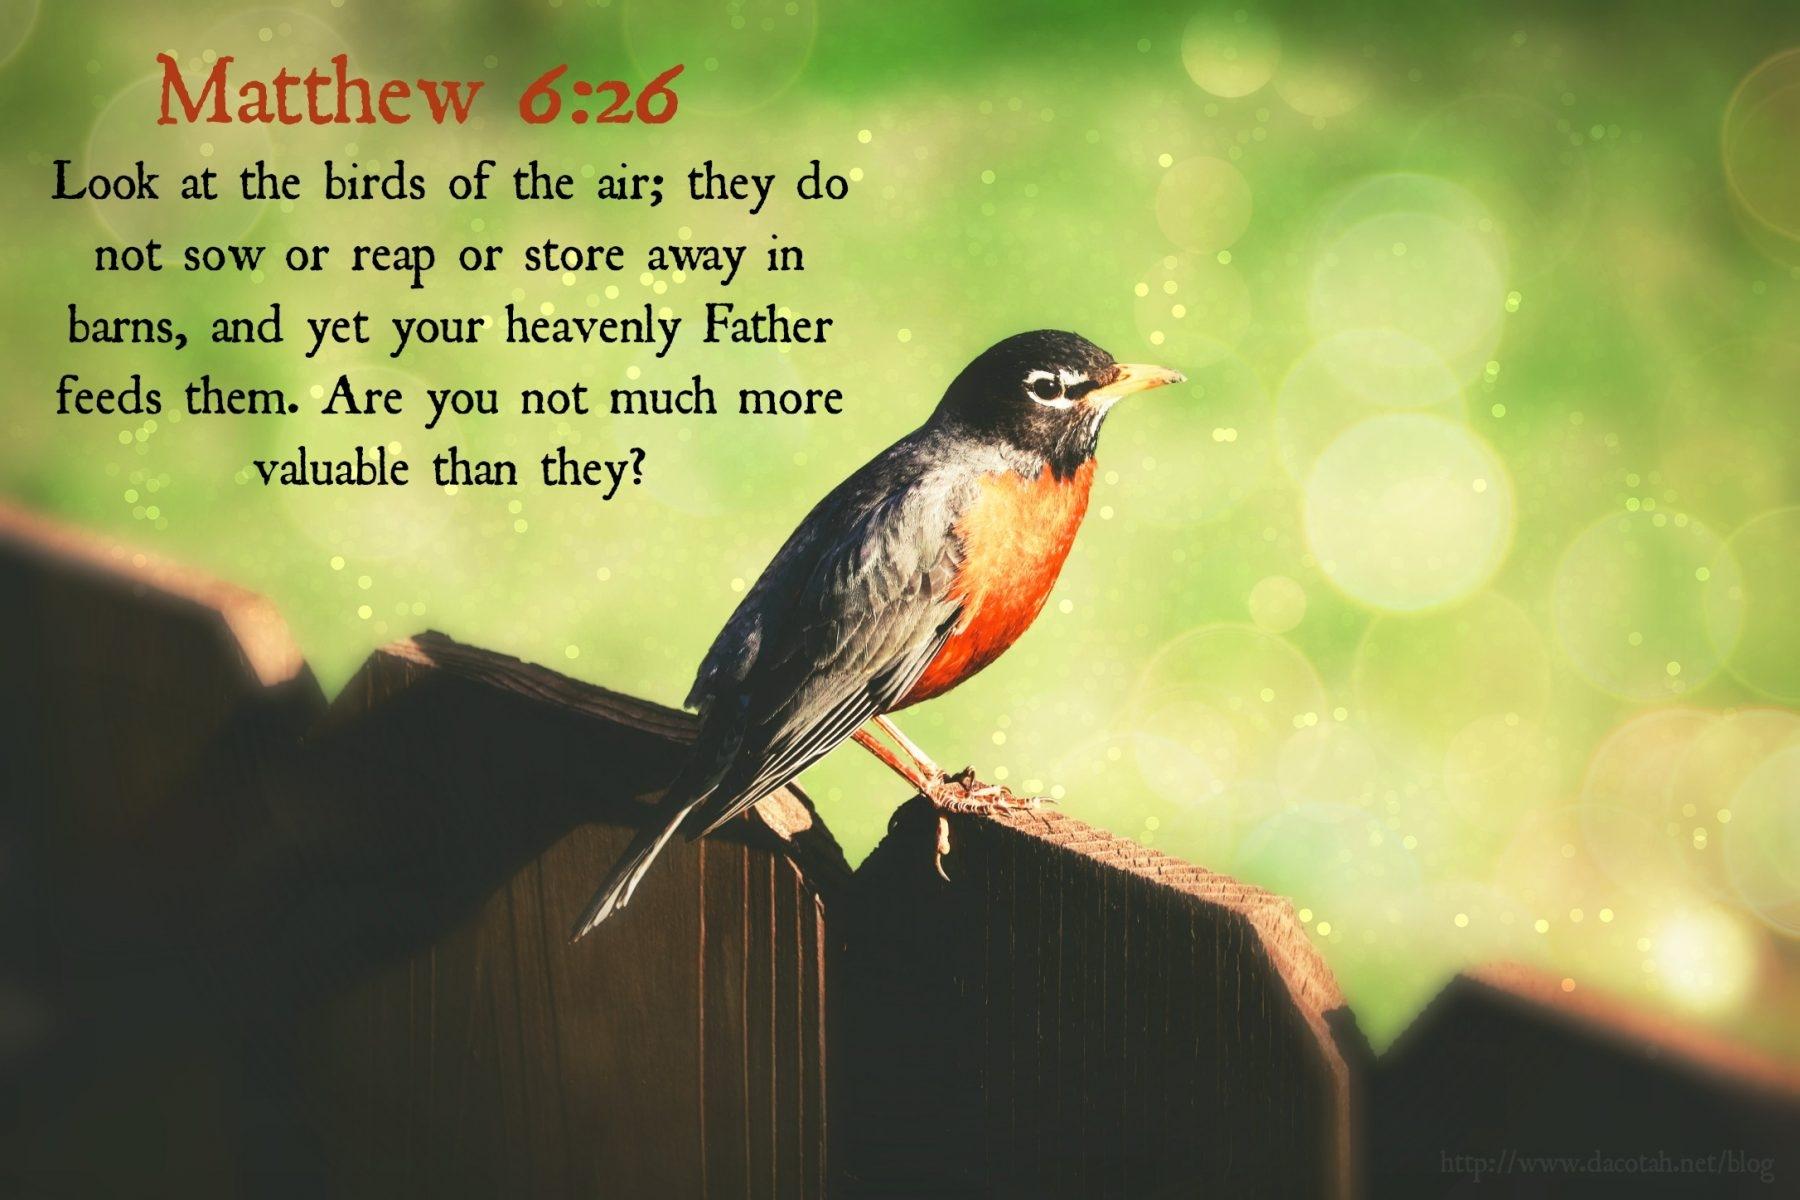 D2DL-Matthew6:26